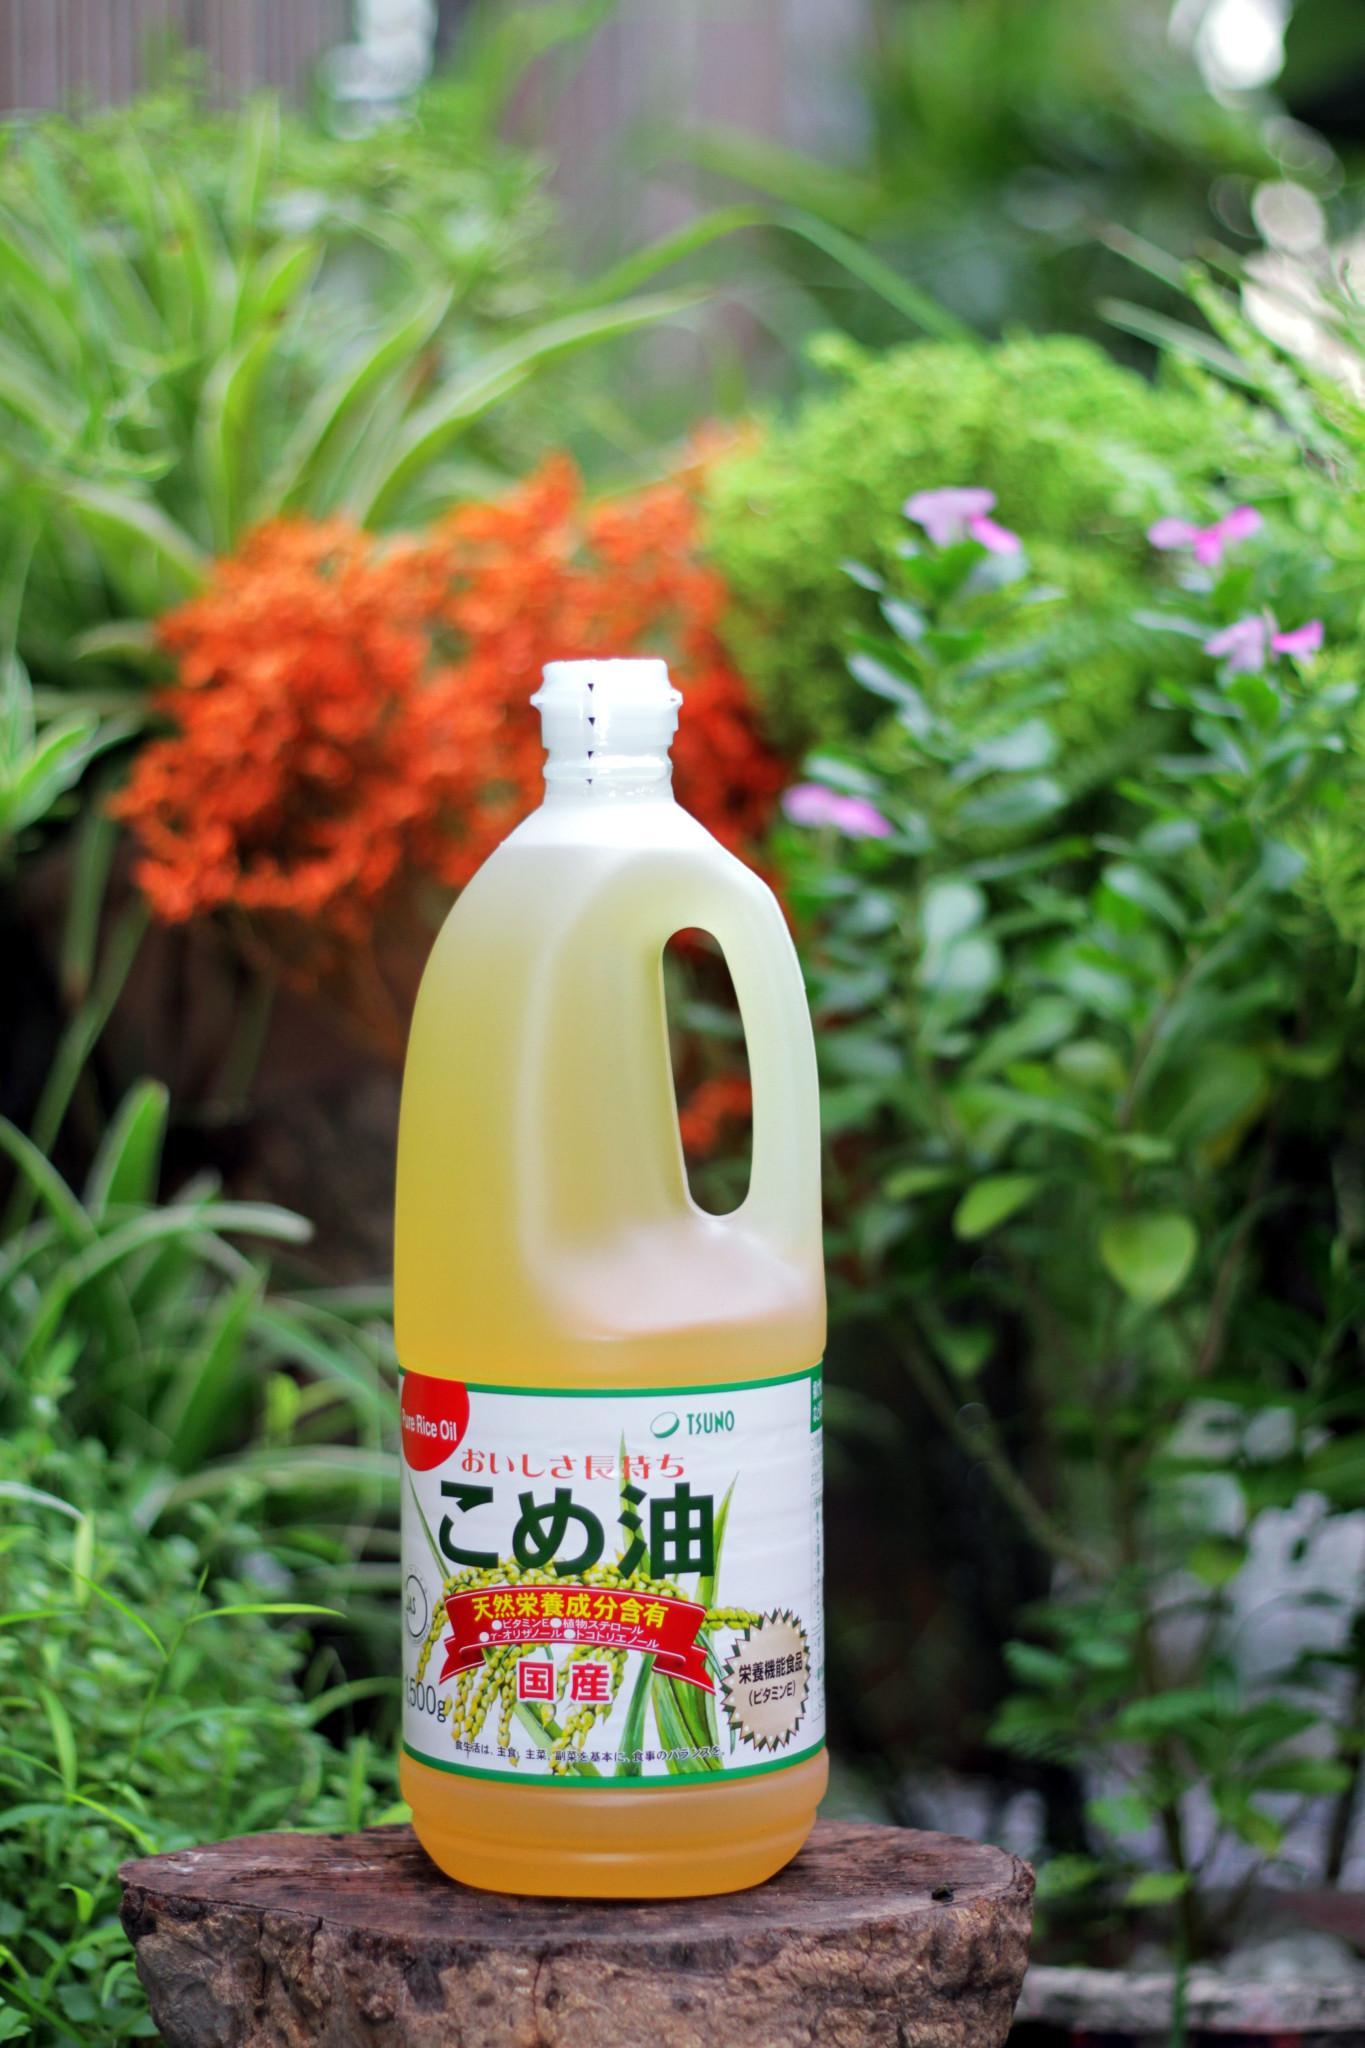 Dầu gạo cao cấp Tsuno Nhật Bản 1500grnội địa Nhật Bản - JStore